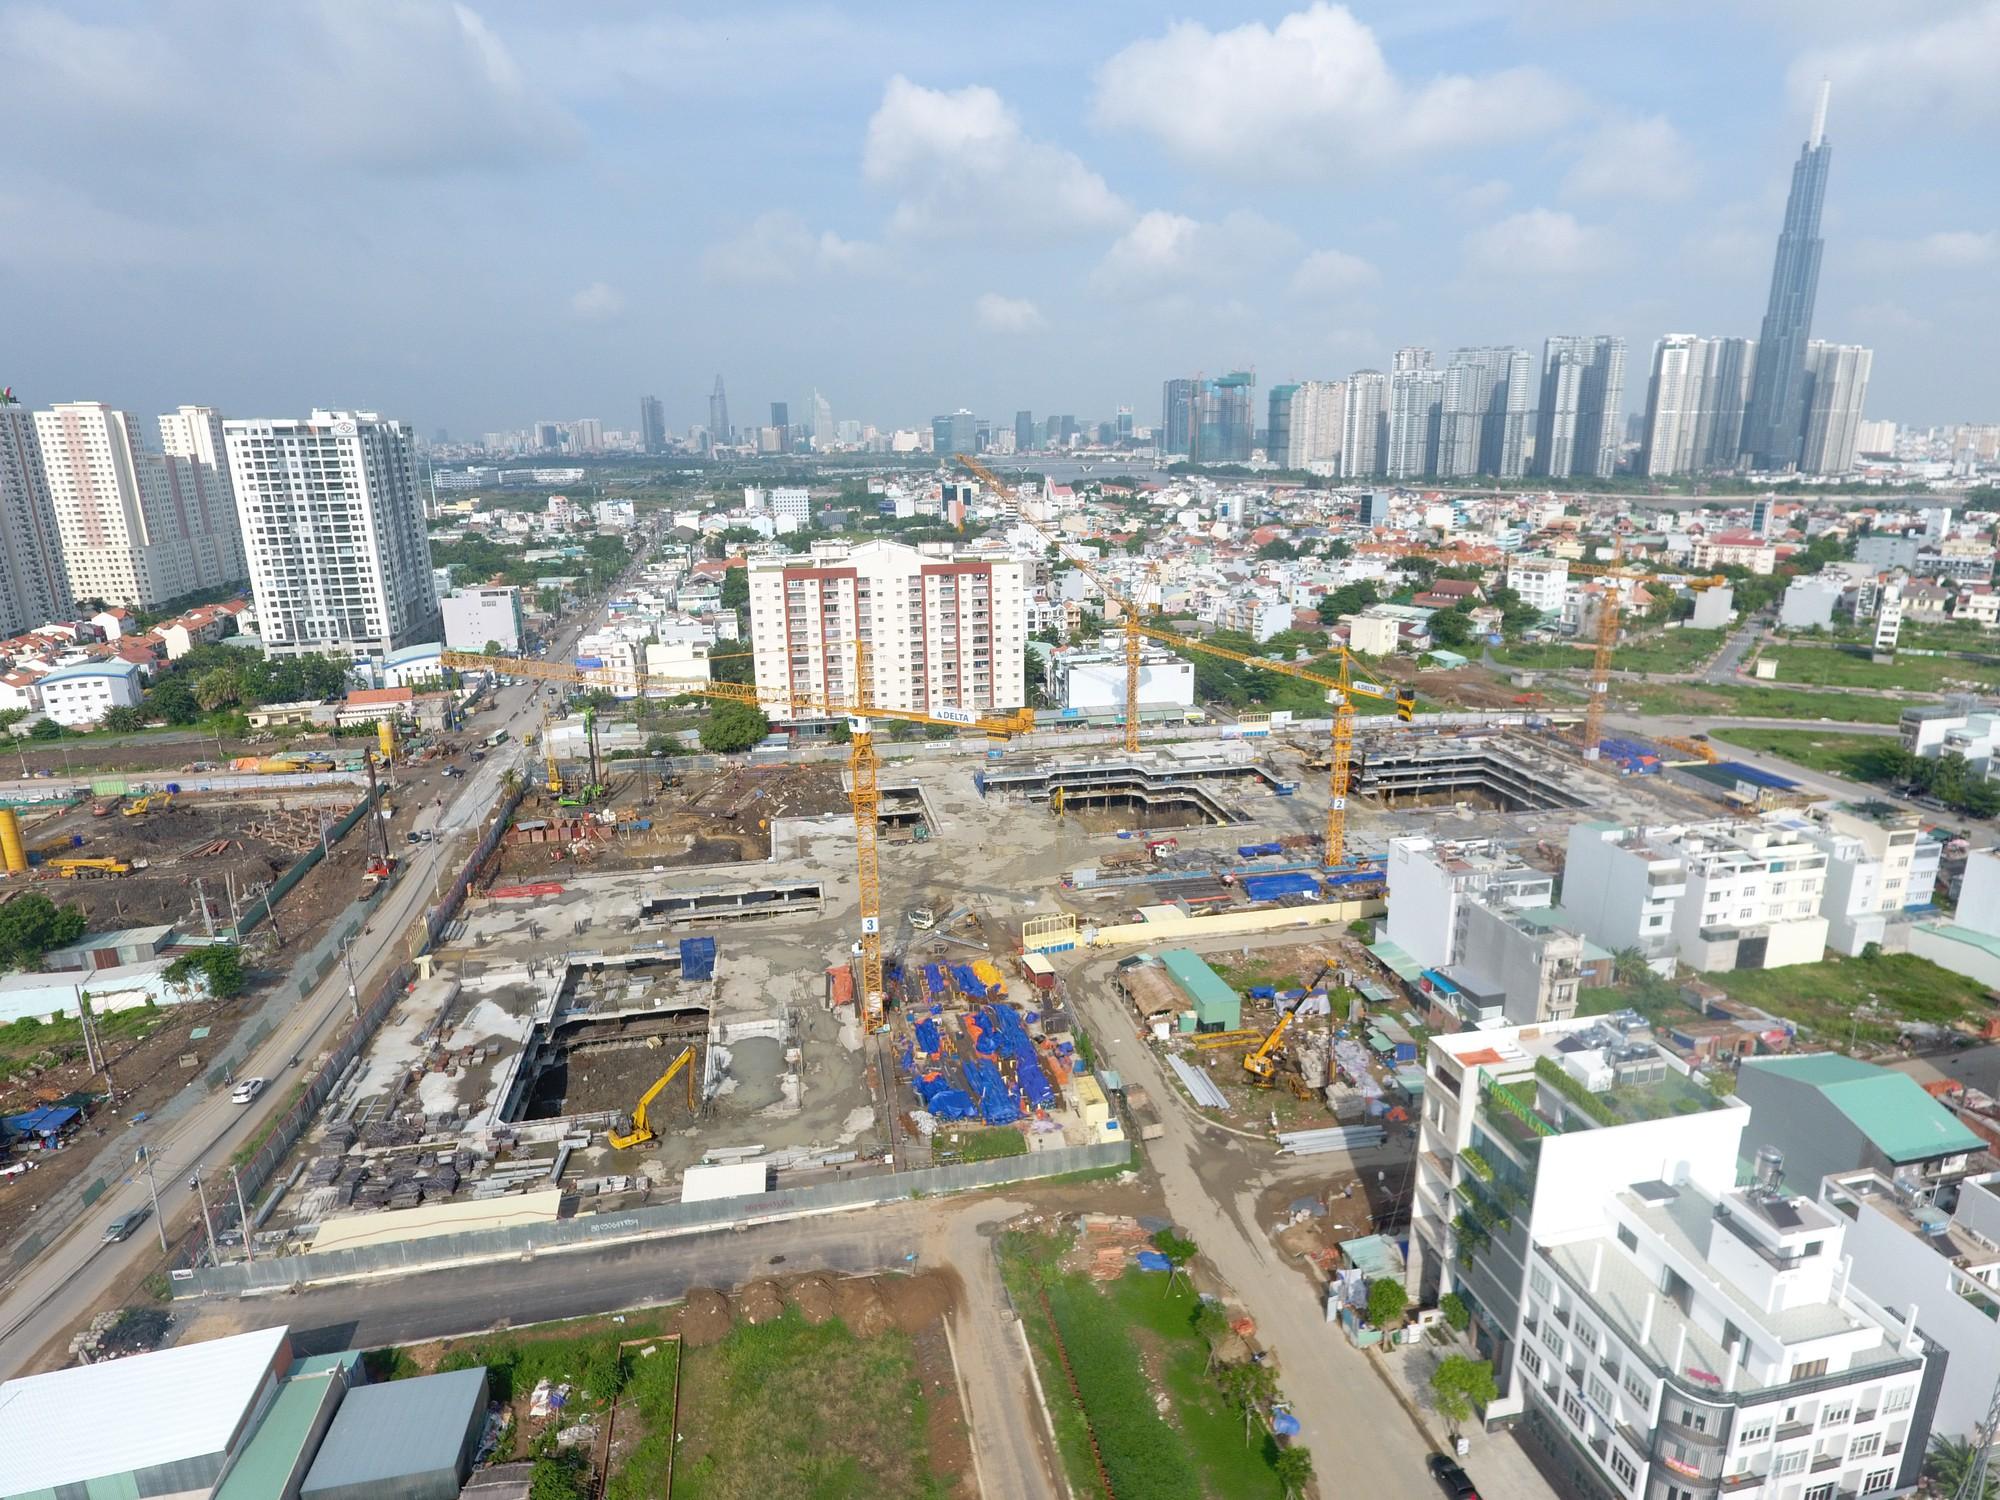 Hàng loạt dự án bị đứng hình, bất động sản TPHCM đang trong giai đoạn bế tắc?